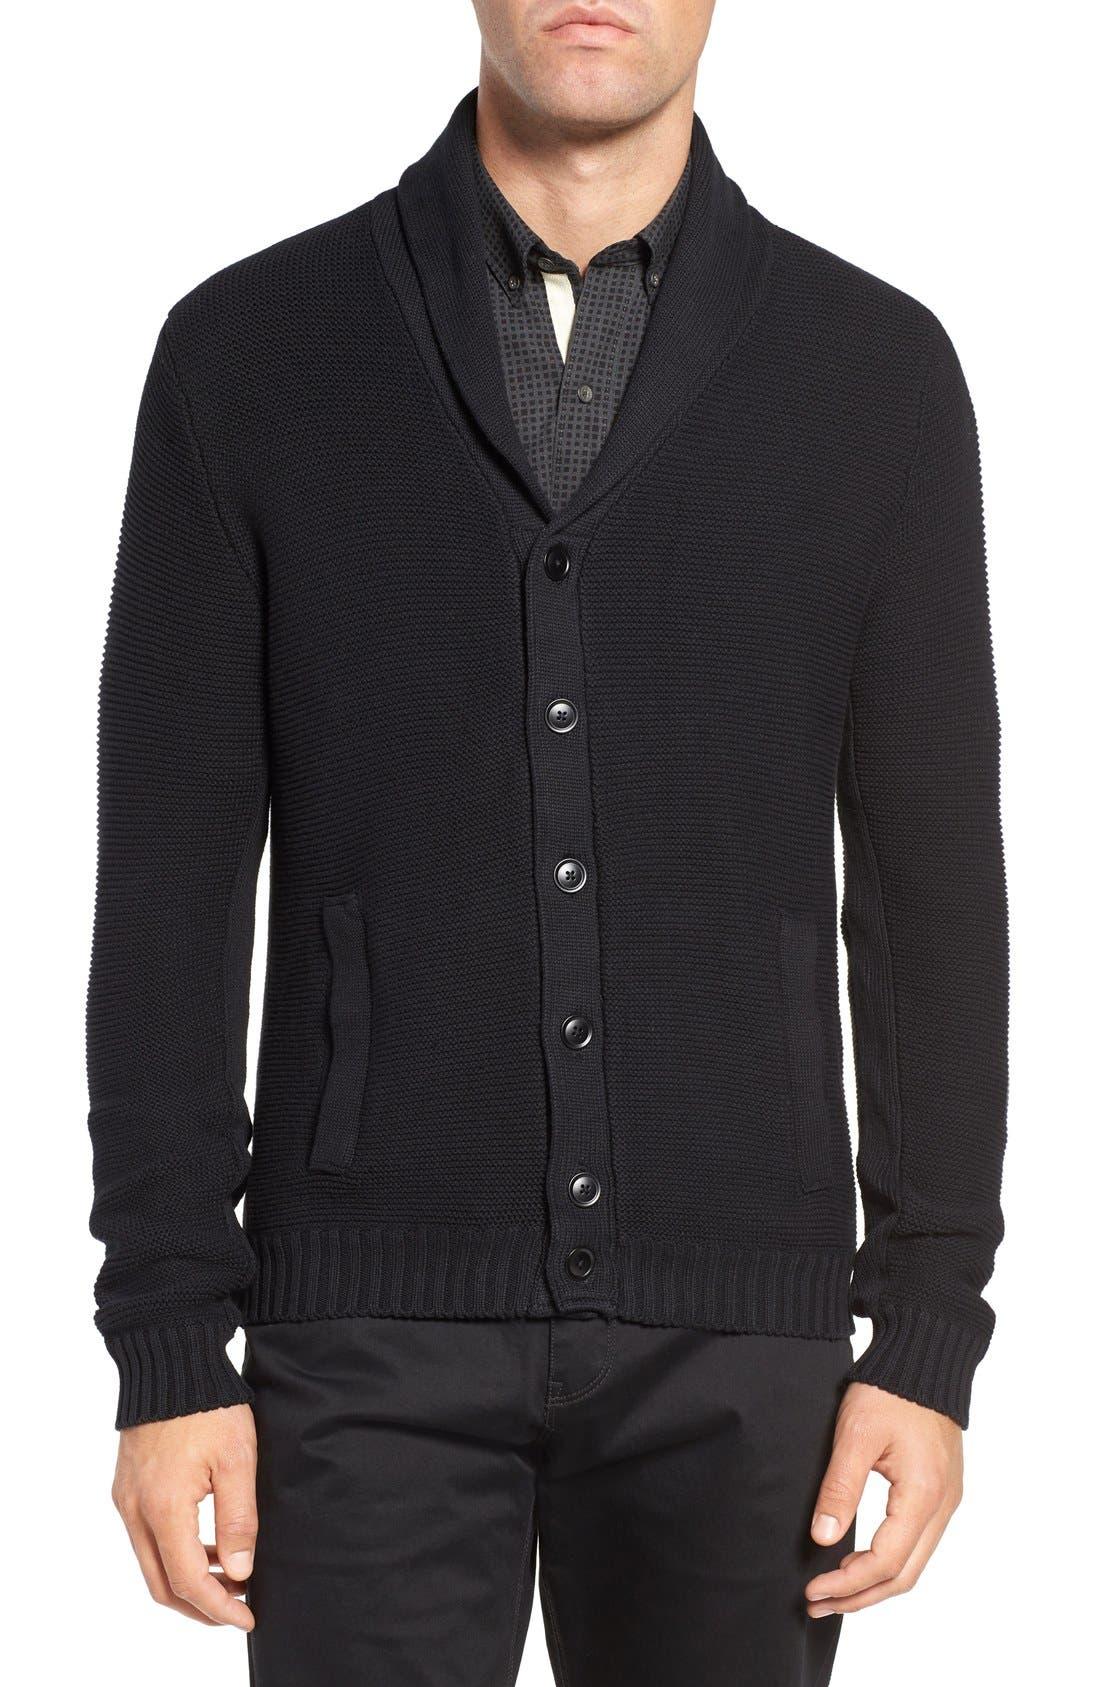 W.R.K Cypress Cotton Shawl Collar Cardigan